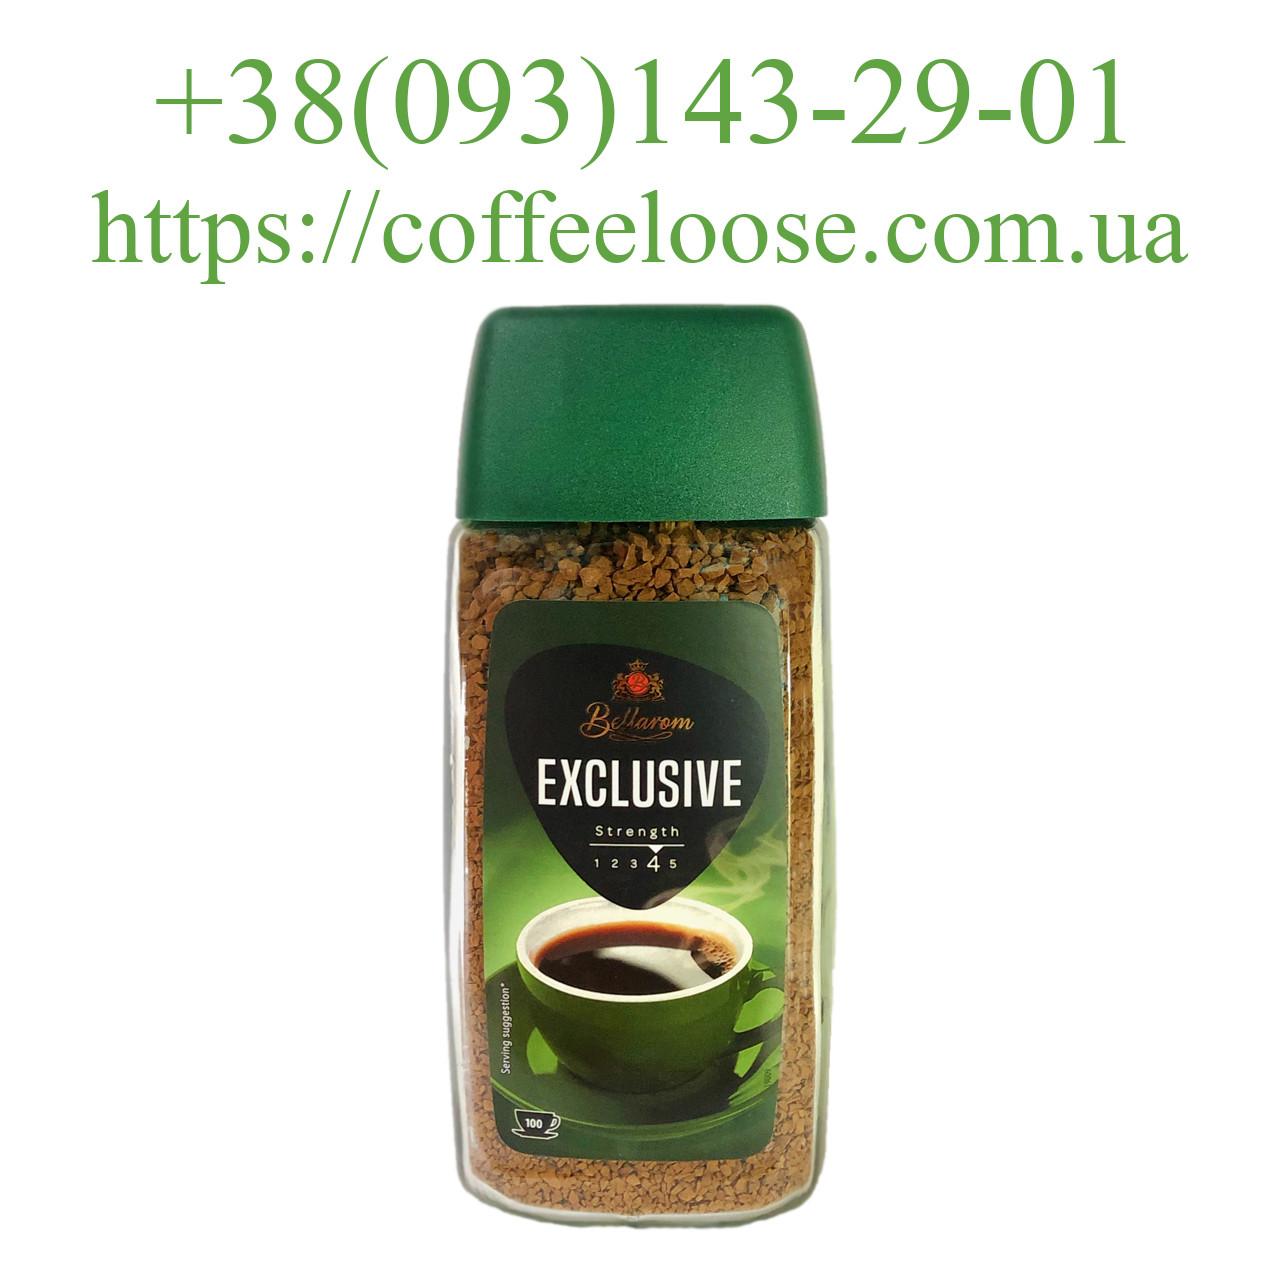 Кофе Bellarom Green растворимый 200g Стекло. Кофе Белларом Грин растворимый 200г Стекло.